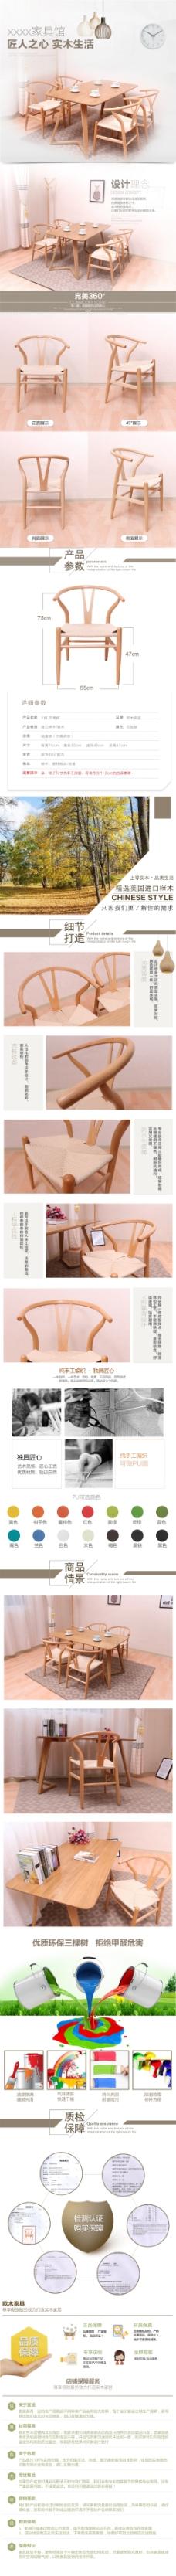 简约欧式家具实木椅子详情页